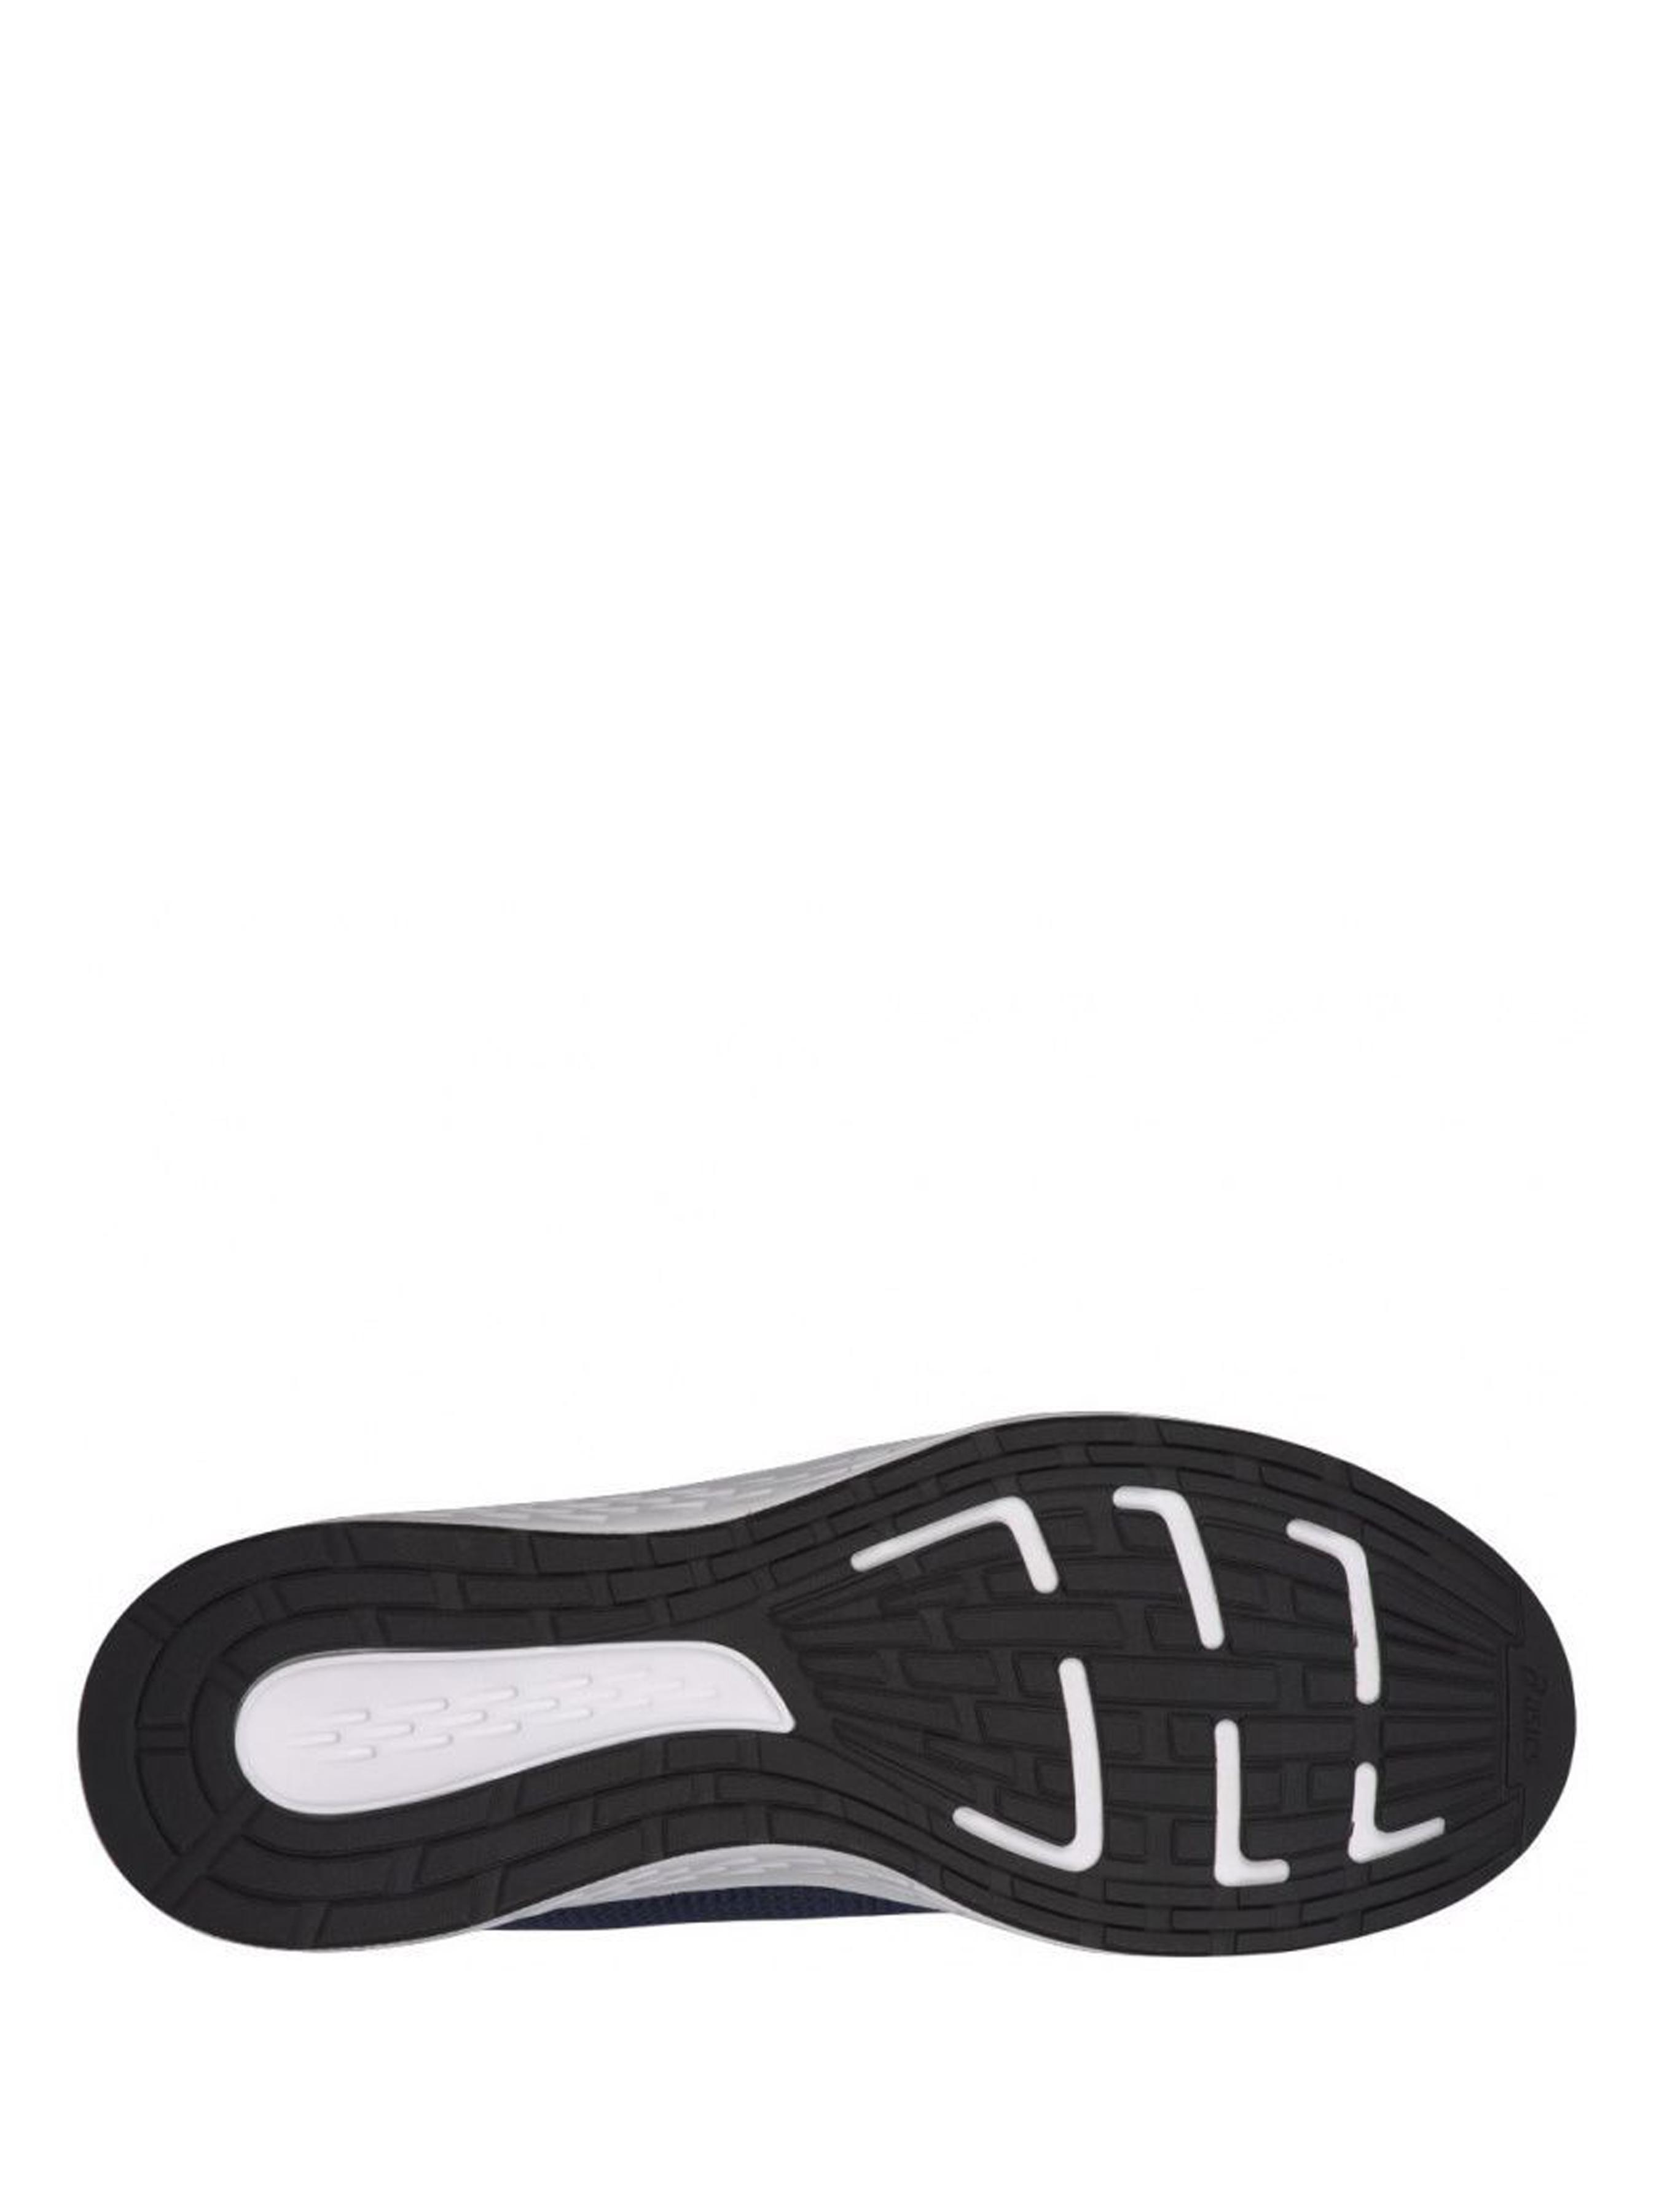 Кроссовки мужские Asics PATRIOT 10 6B19 купить обувь, 2017